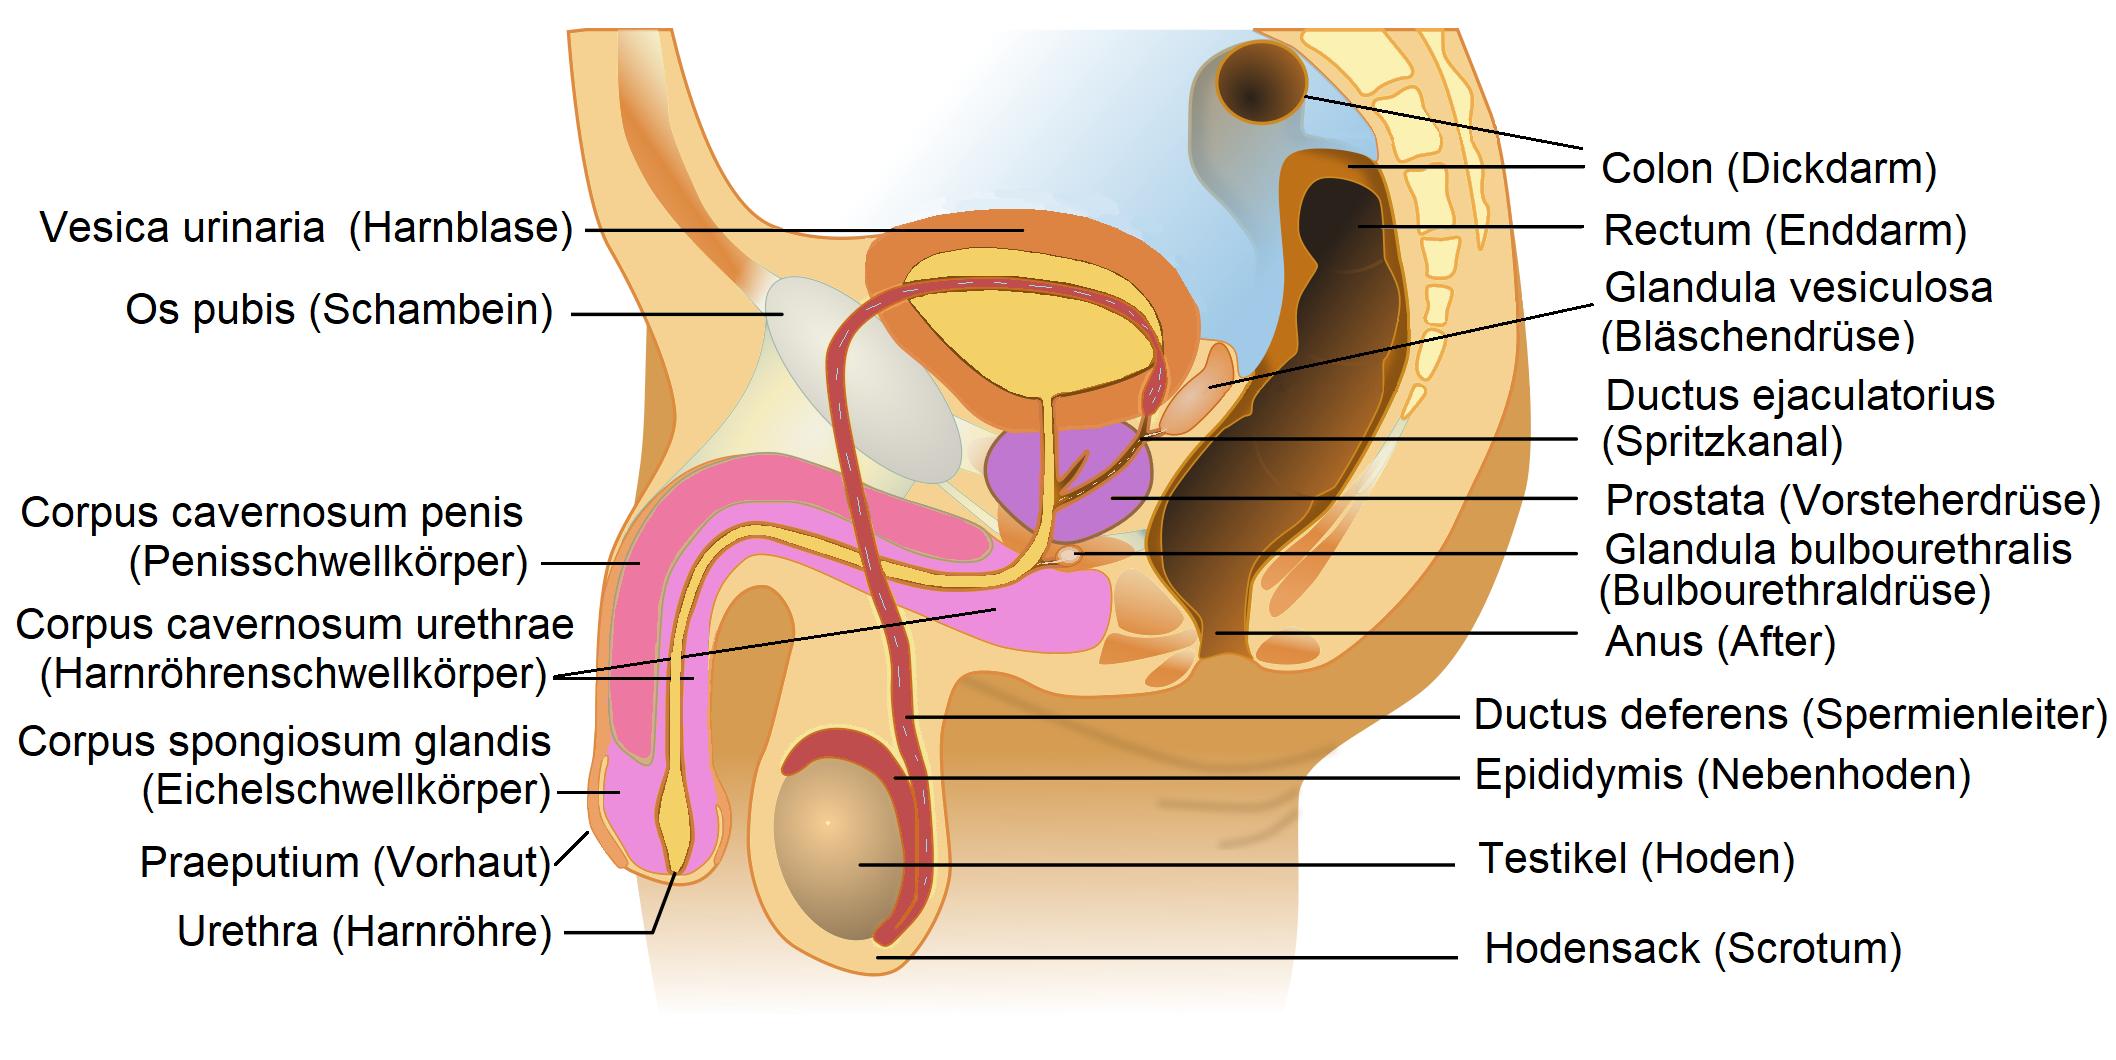 prostata anatomie physiologie